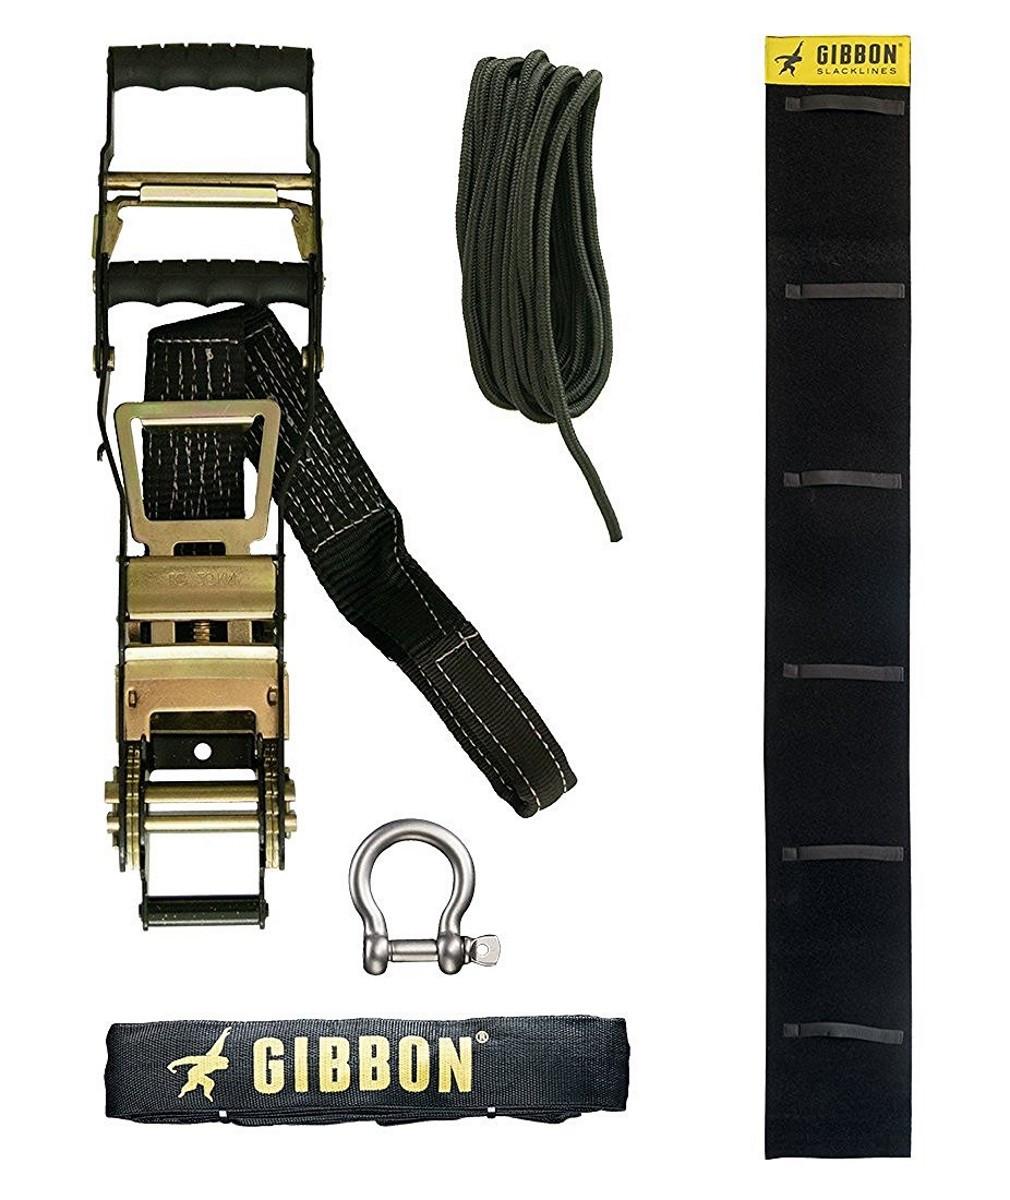 Якорная система для трюковых слэклайнов Gibbon Trick Tension Anchor - Спортмаркет Skaut.in.ua в Киеве